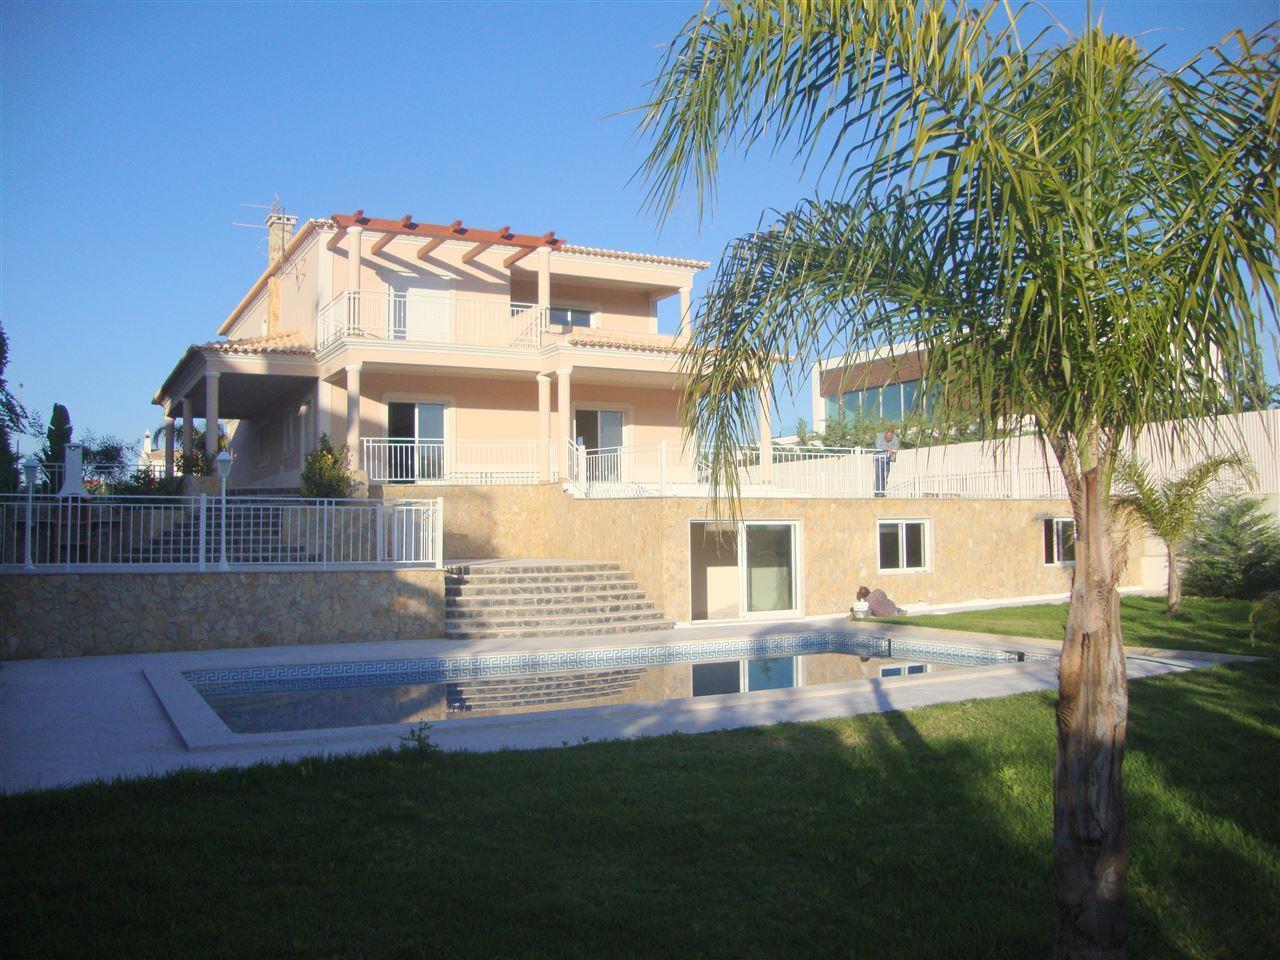 Maison unifamiliale pour l Vente à Detached house, 3 bedrooms, for Sale Silves, Algarve Portugal